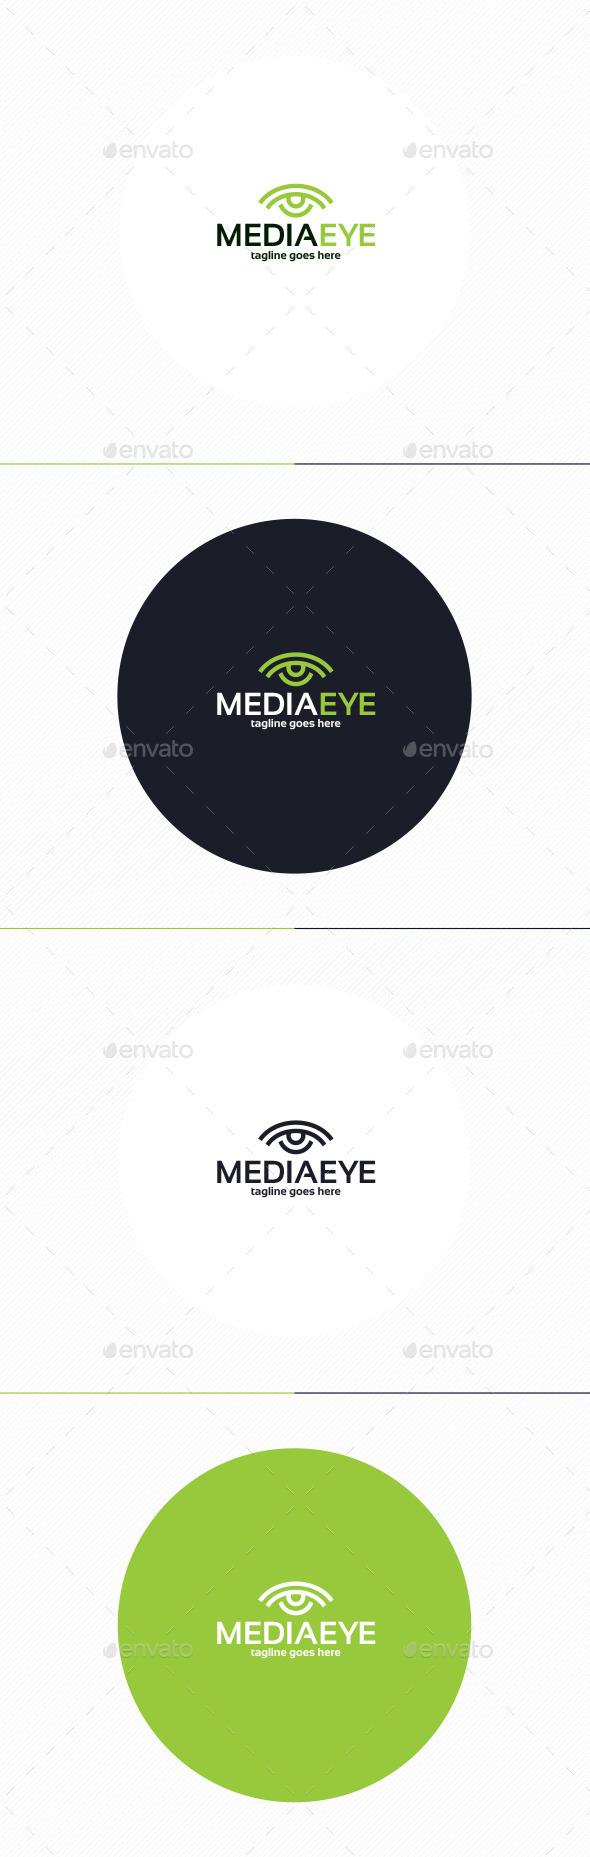 Media Eye Logo - Vector Abstract